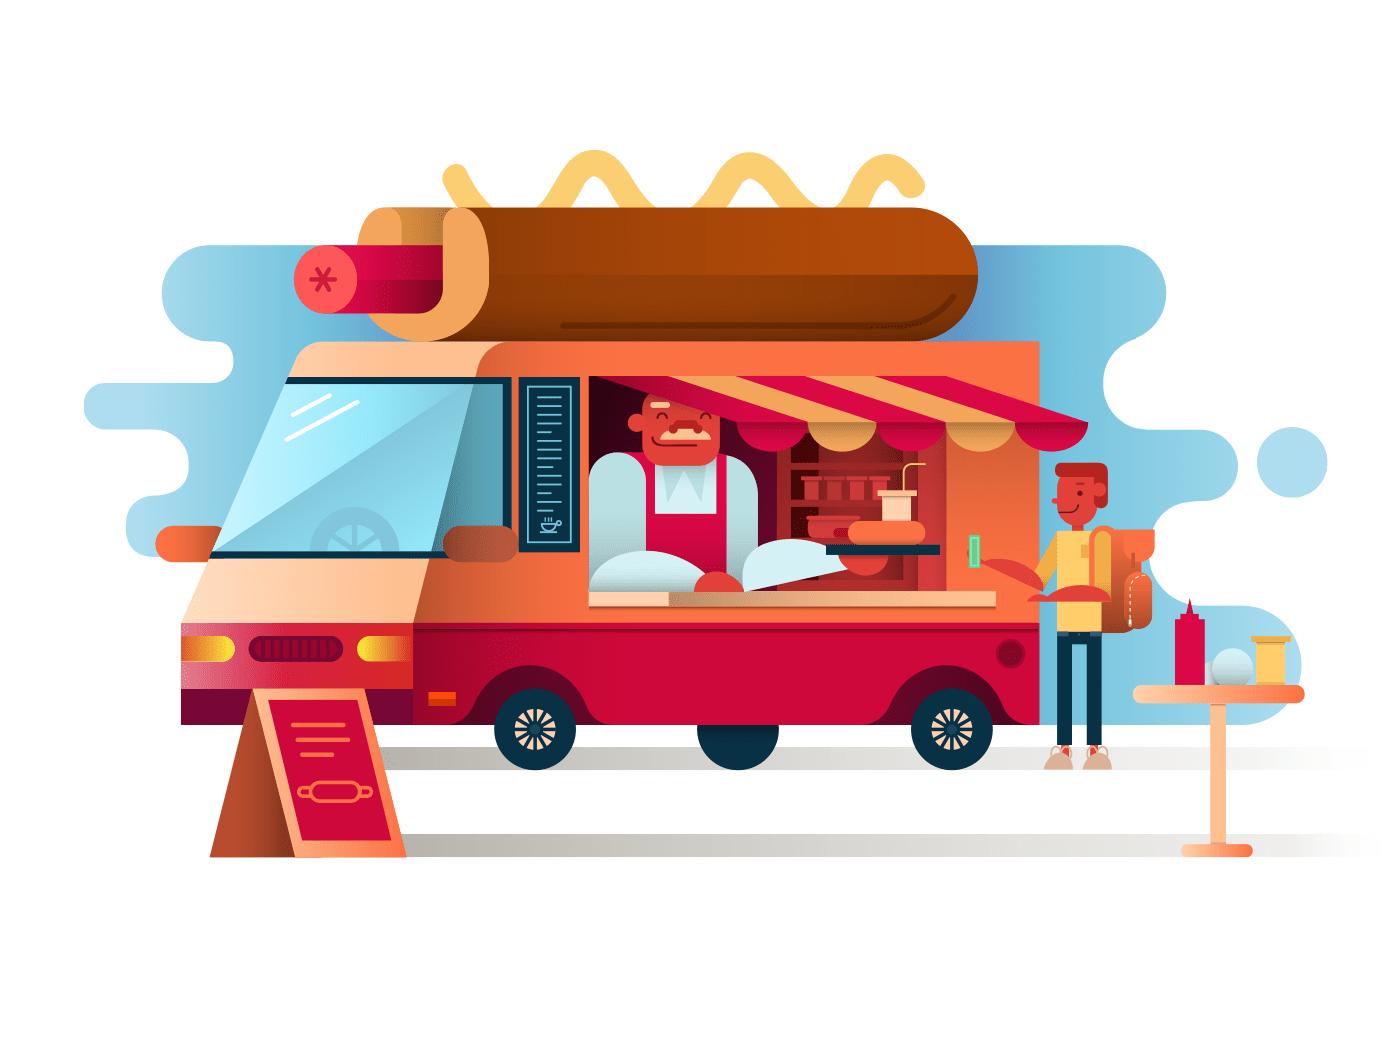 Cafe van hot dogs illustration